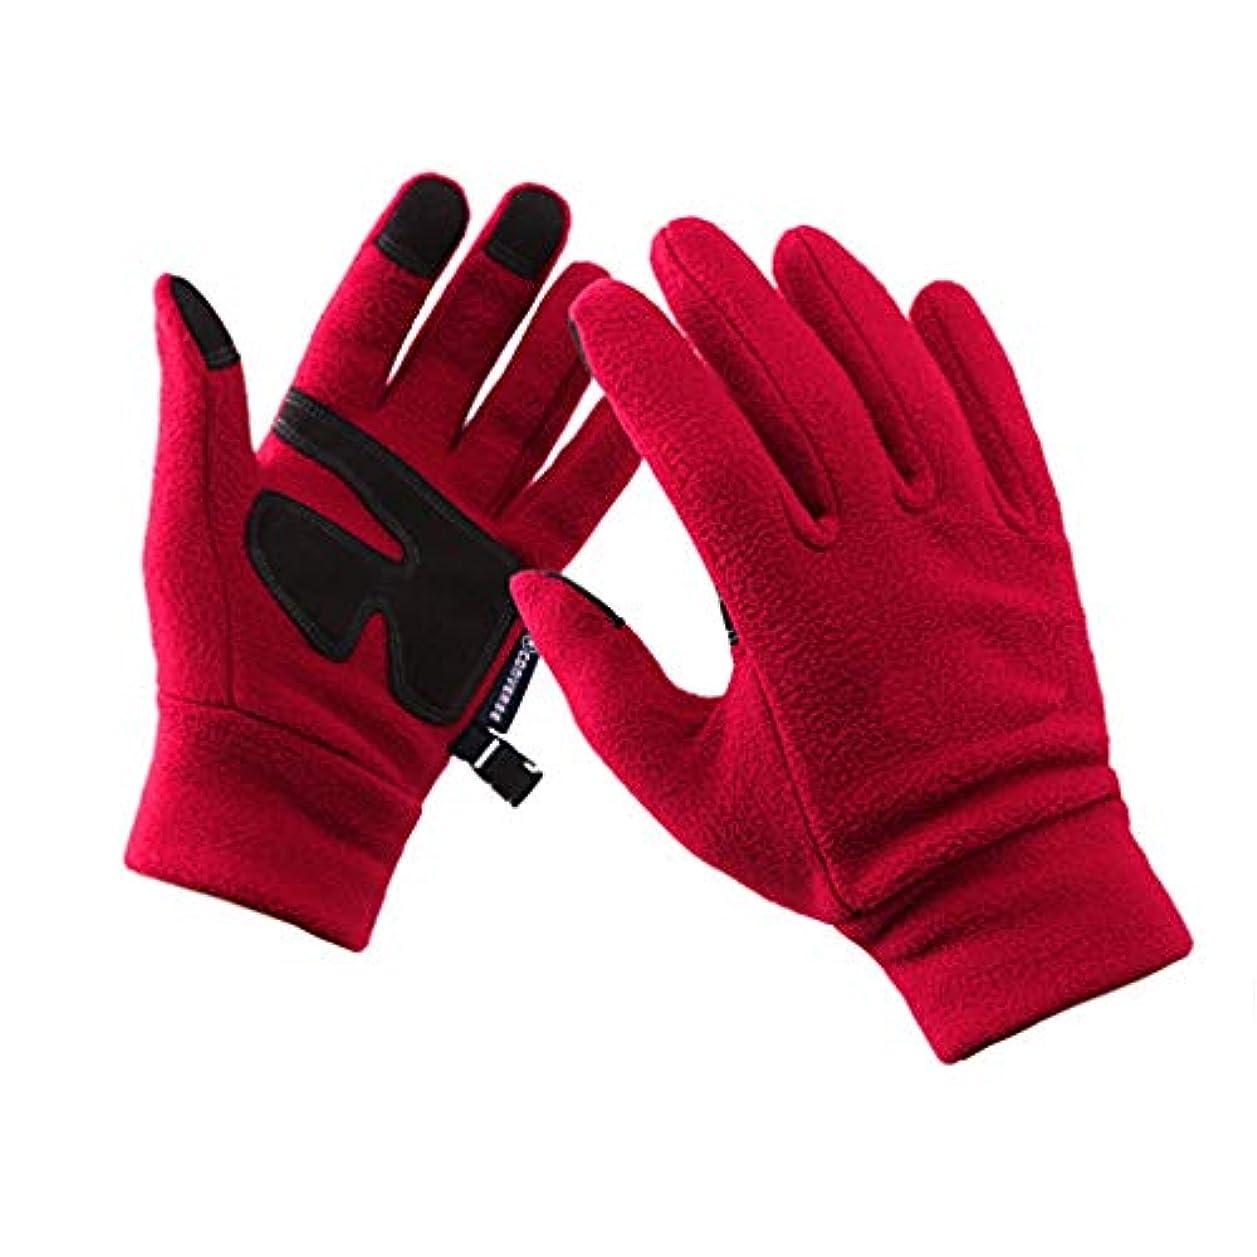 名前氏偽善手袋ミトン、秋冬の男性と女性の屋外ベルベット登山ハイキングサイクリングタッチスクリーンウォーム手袋を実行する(ユニセックス)